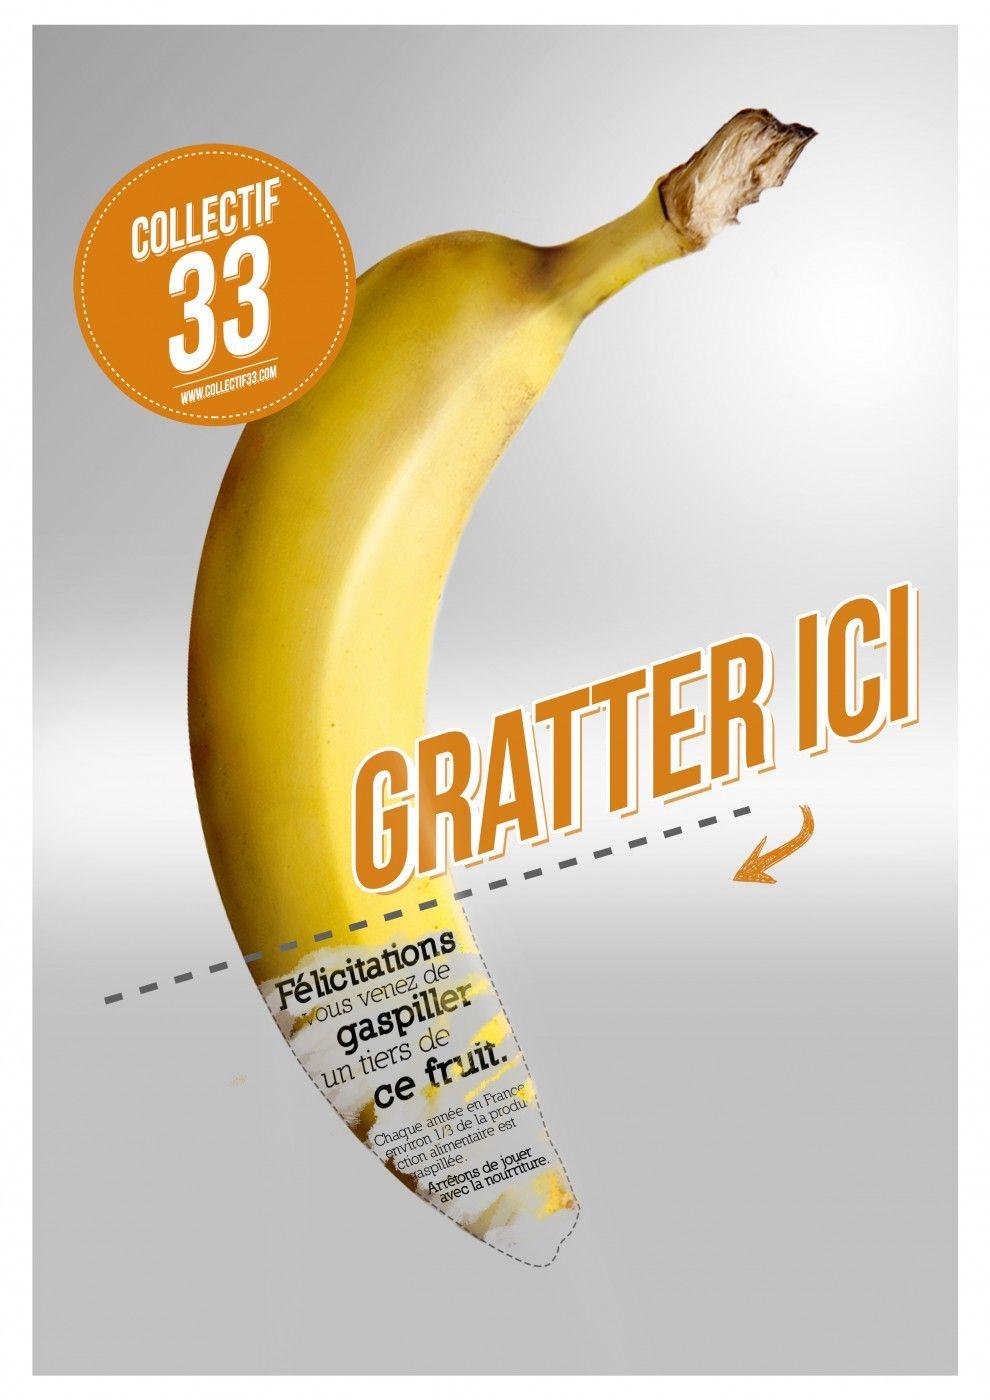 Préférence Gaspillage Alimentaire INSEEC - SUP DE PUB | PUB | Pinterest  TR45